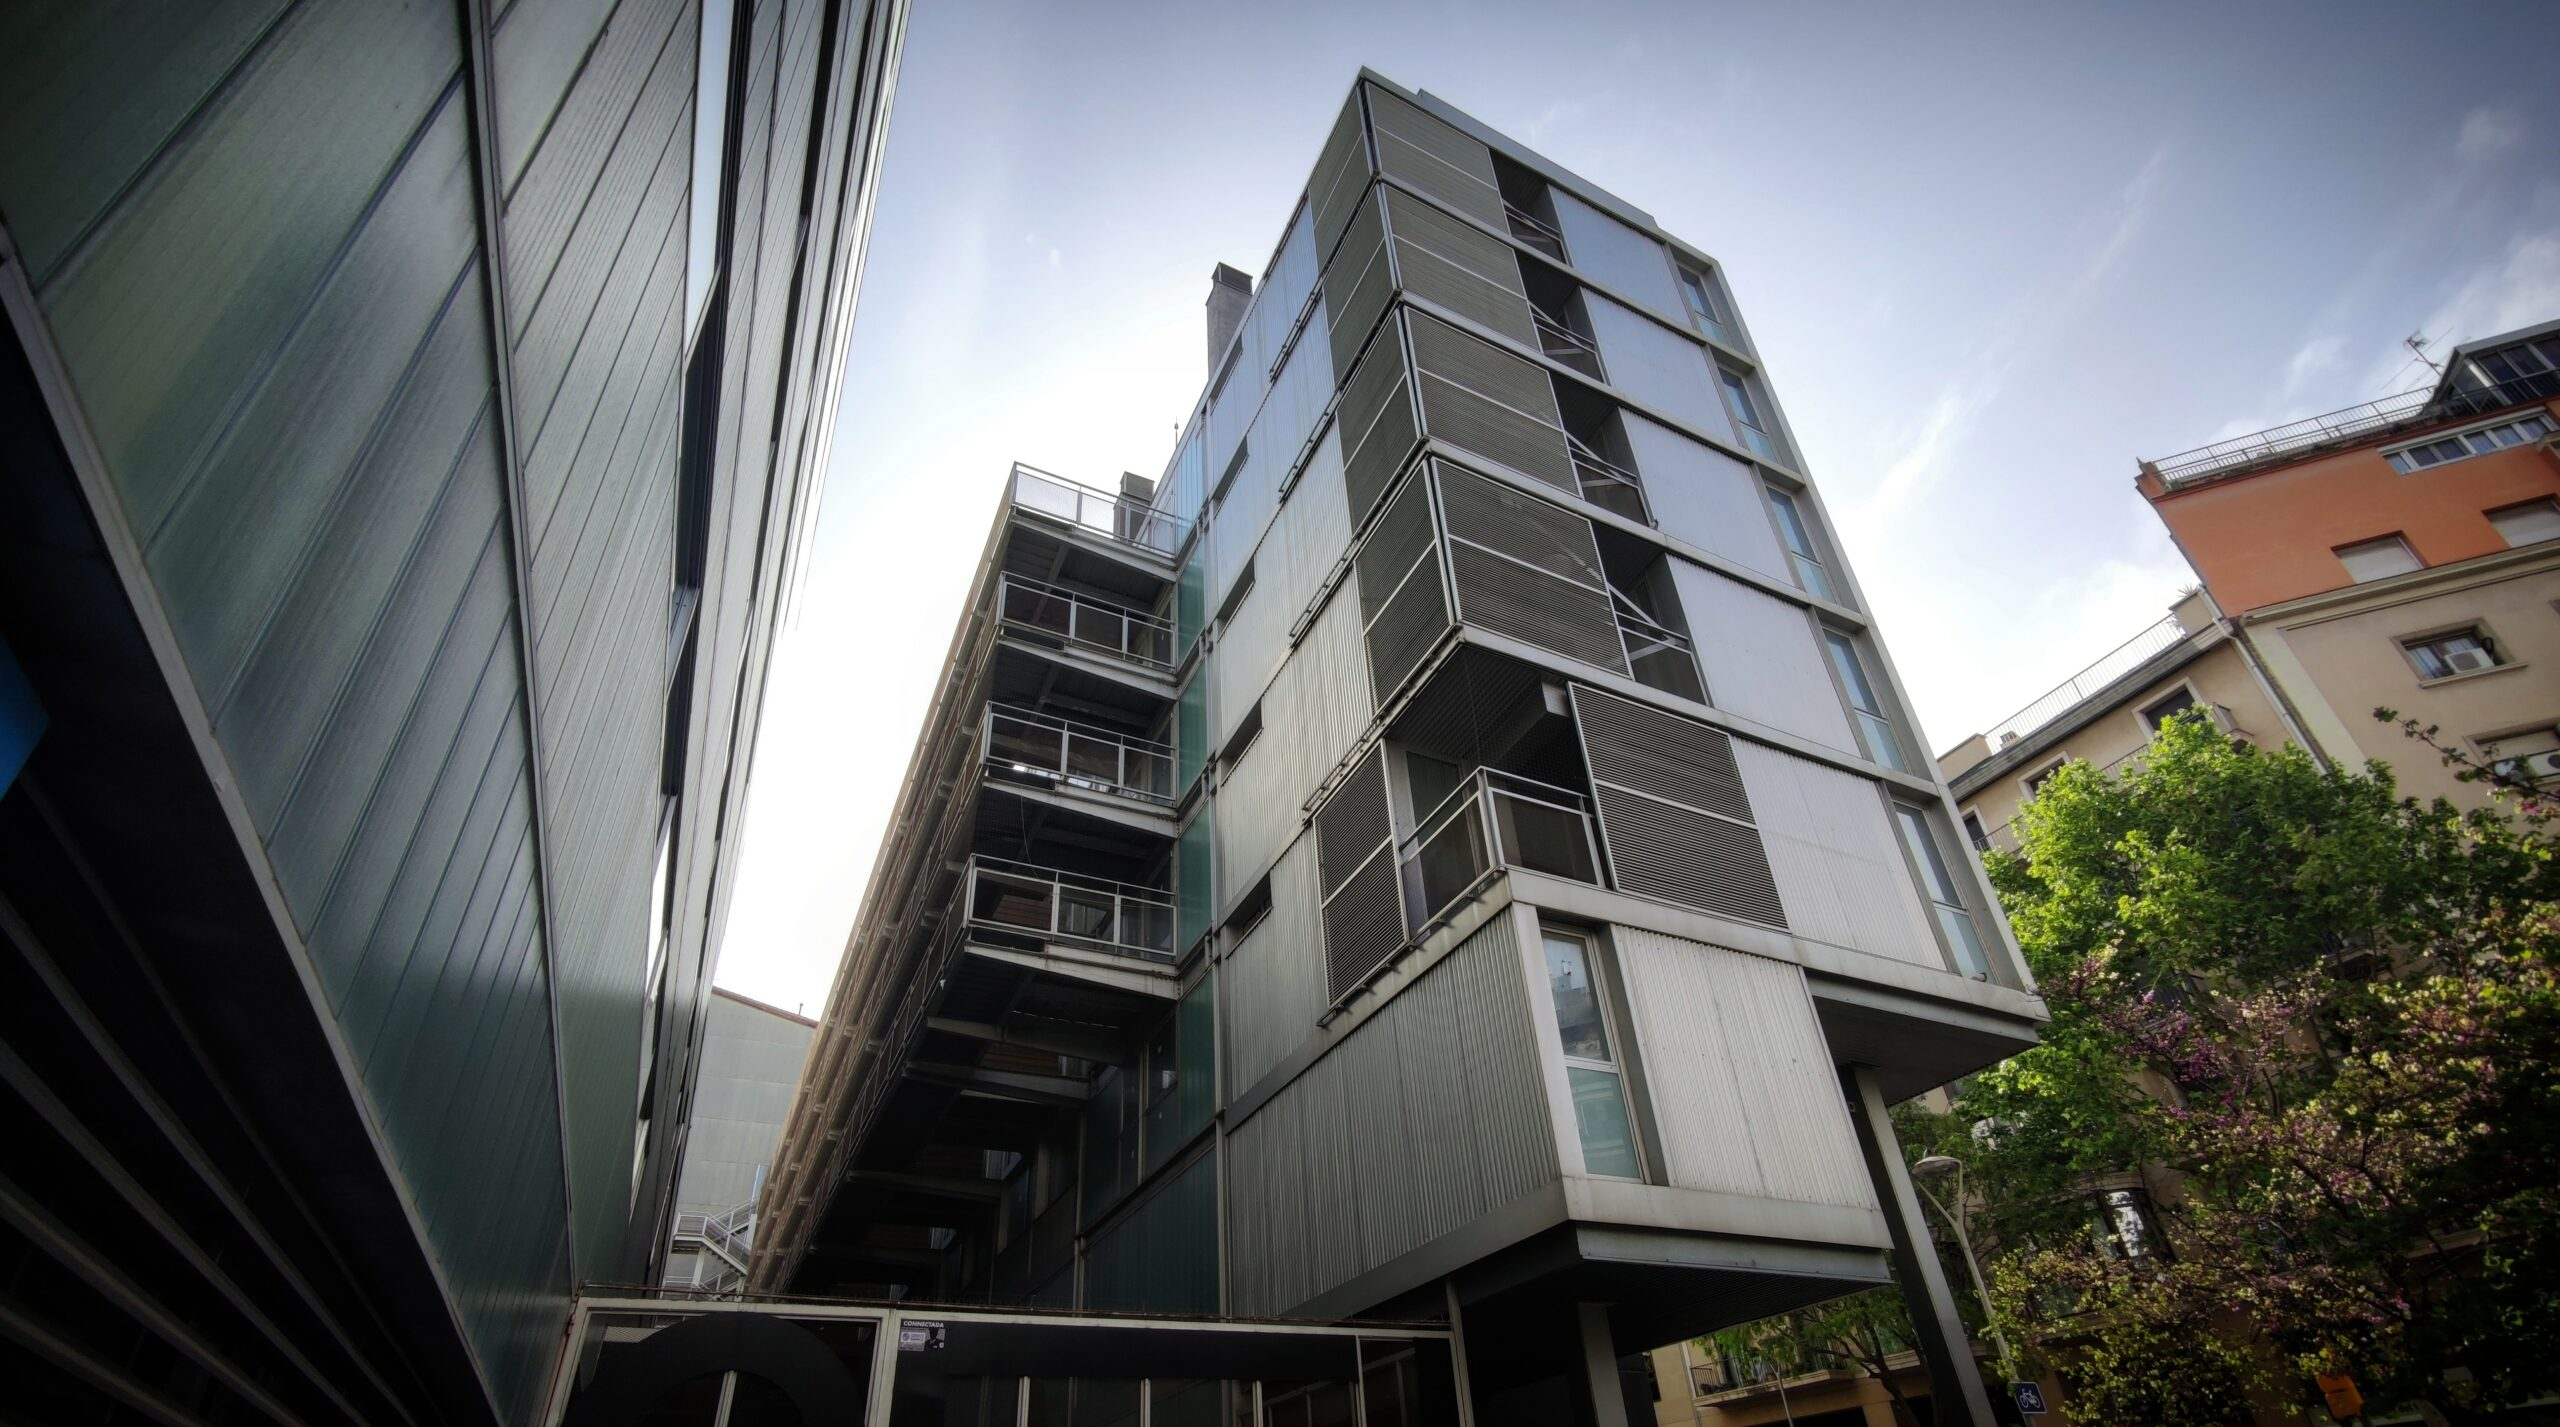 L'edifici buit del carrer Londres, entre l'escola Marlloca i l'escola bressol Londres / D.C.